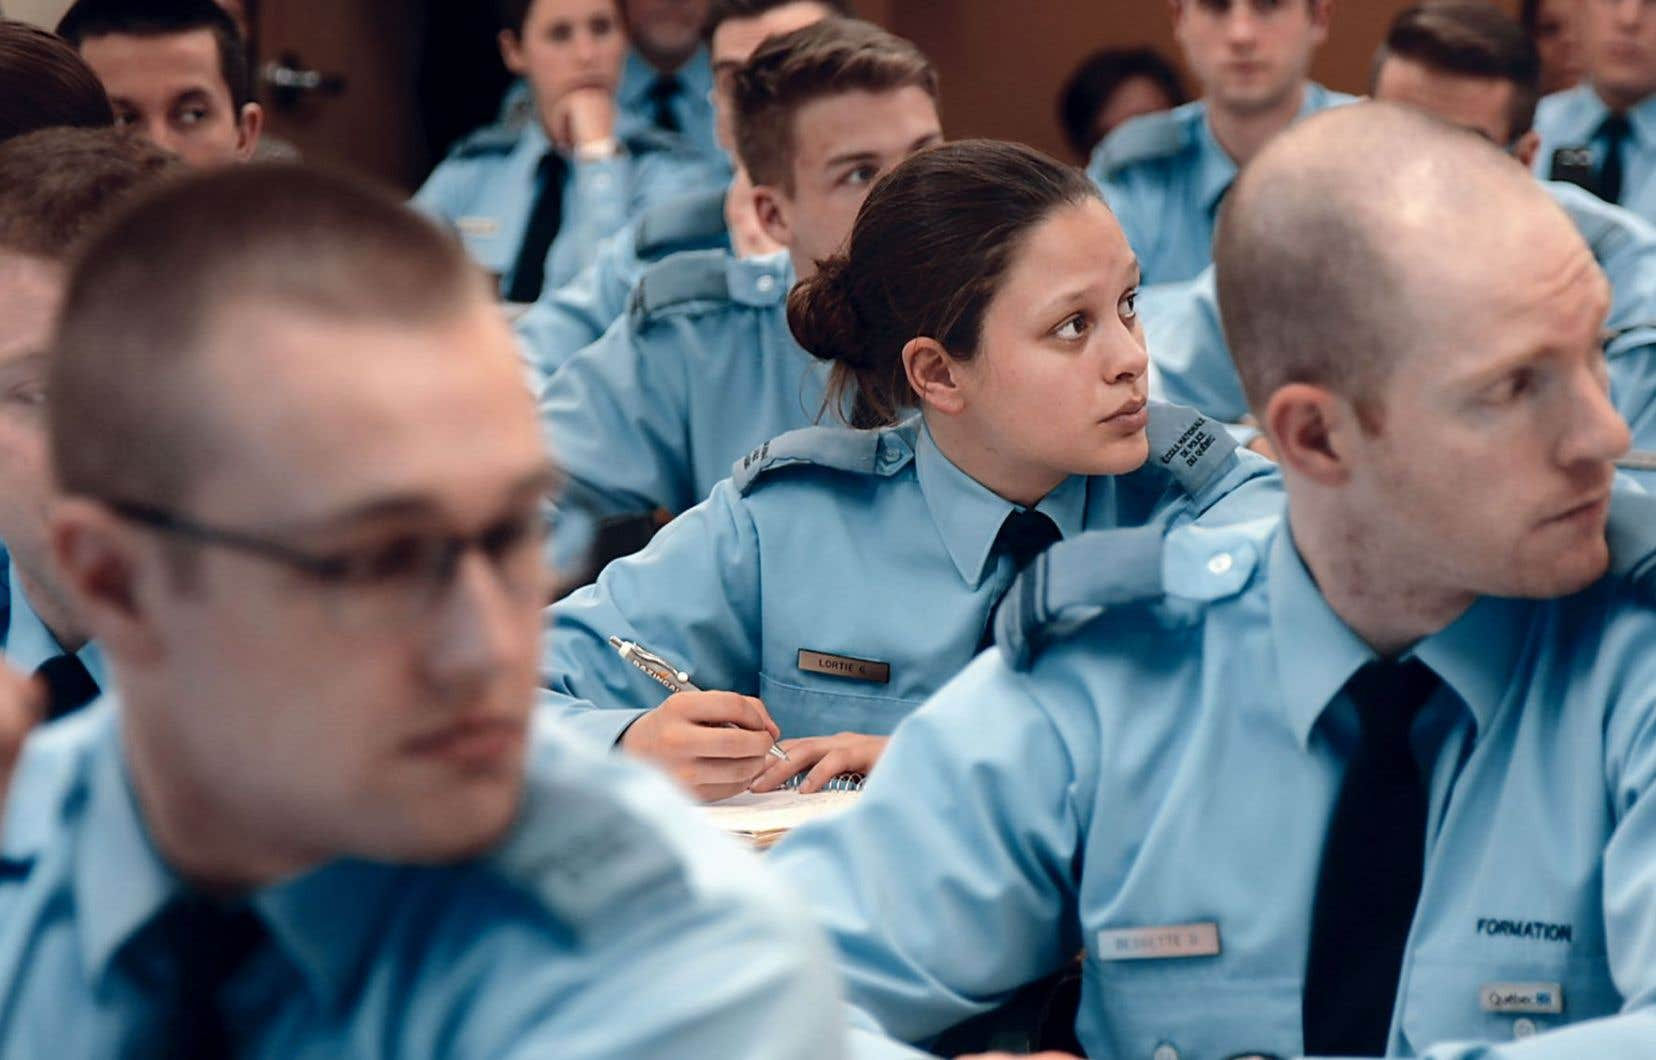 Les policiers doivent de plus en plus souvent intervenir auprès de personnes atteintes de problèmes de santé mentale. Une formation volontaire leur permet d'être un peu mieux outillés pour faire face à ces situations.